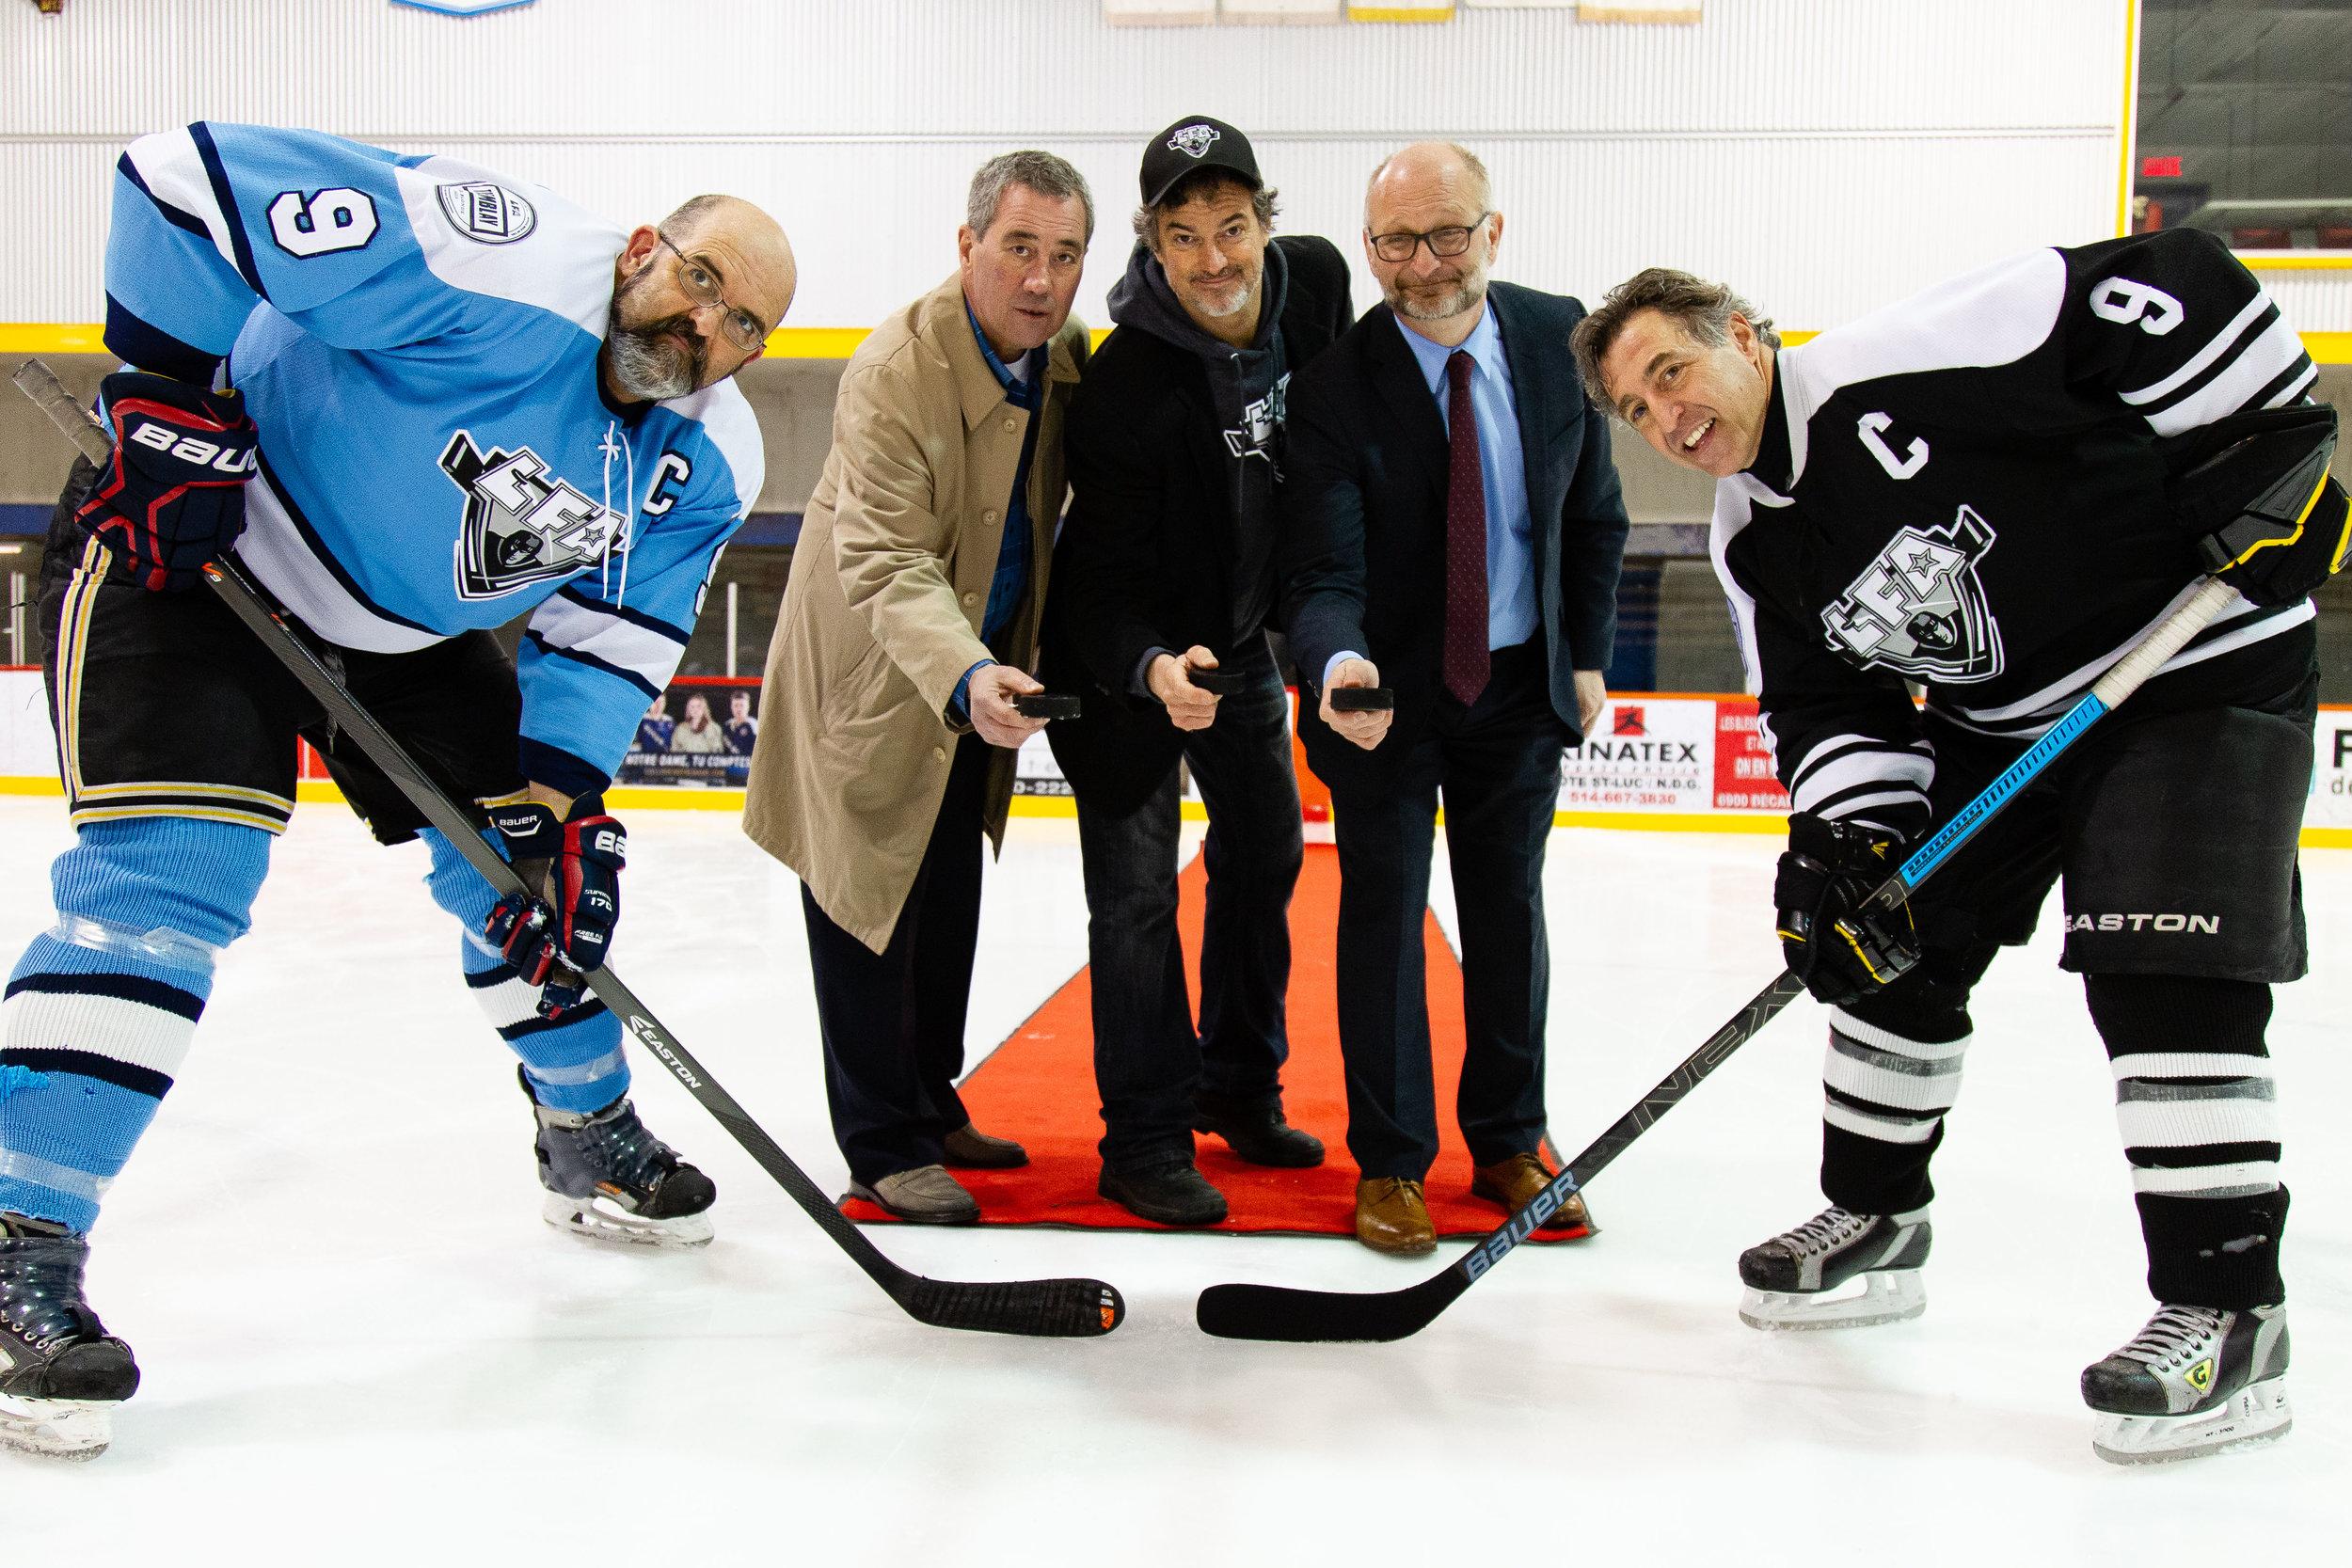 La mise au jeu protocolaire en compagnie des deux capitaines, le directeur du programme hockey SLAP de Jeunesse au Soleil, vinnie mateo, le pdg de la LFA et l'honorable David Lametti ministre de la justice du Canada et ancien membre actif de la LFA et du hockey brotherhood (photo joe monro)